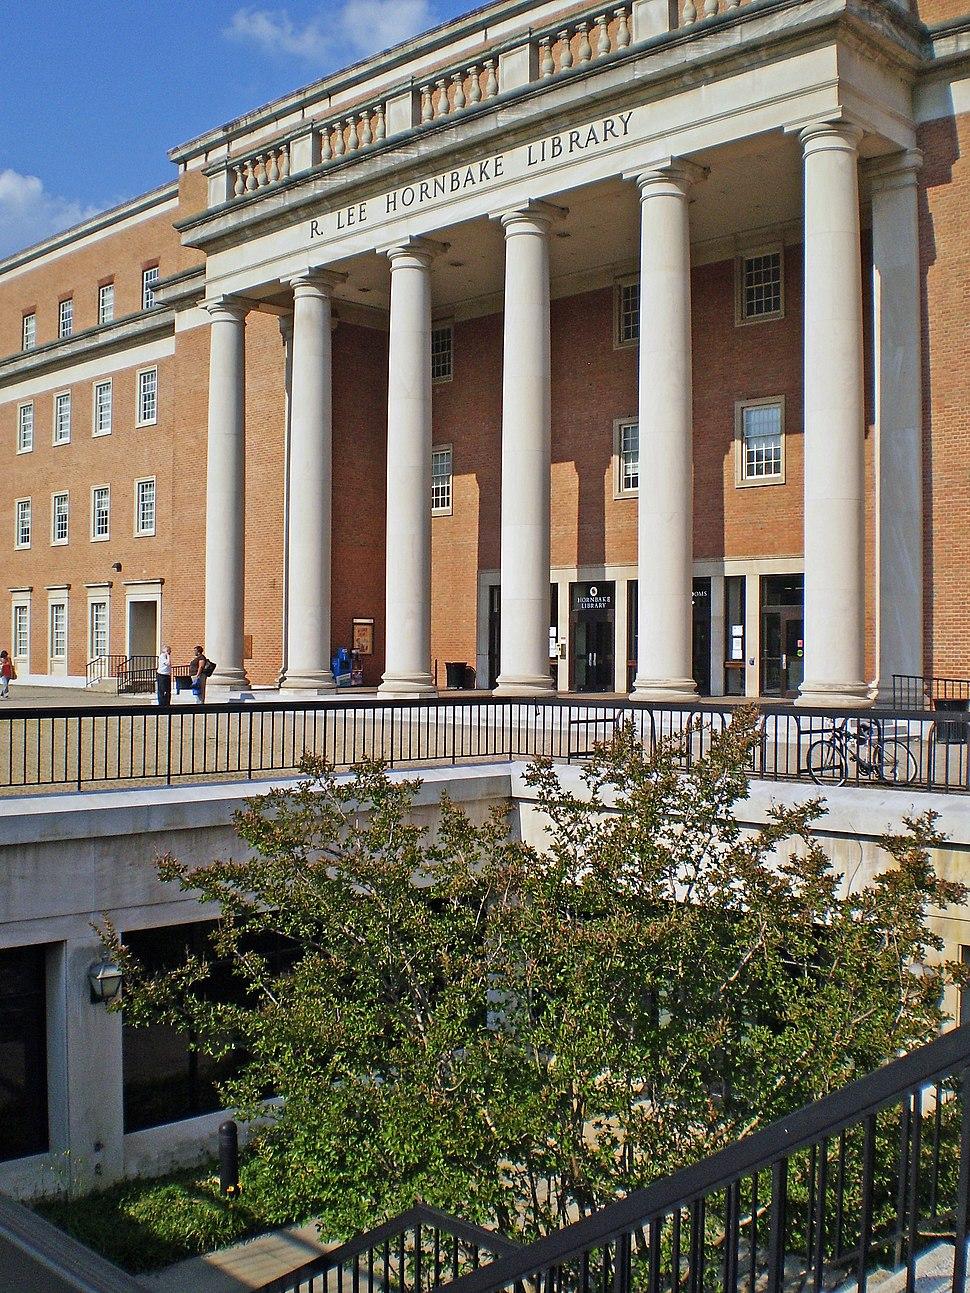 UMD Hornbake Library